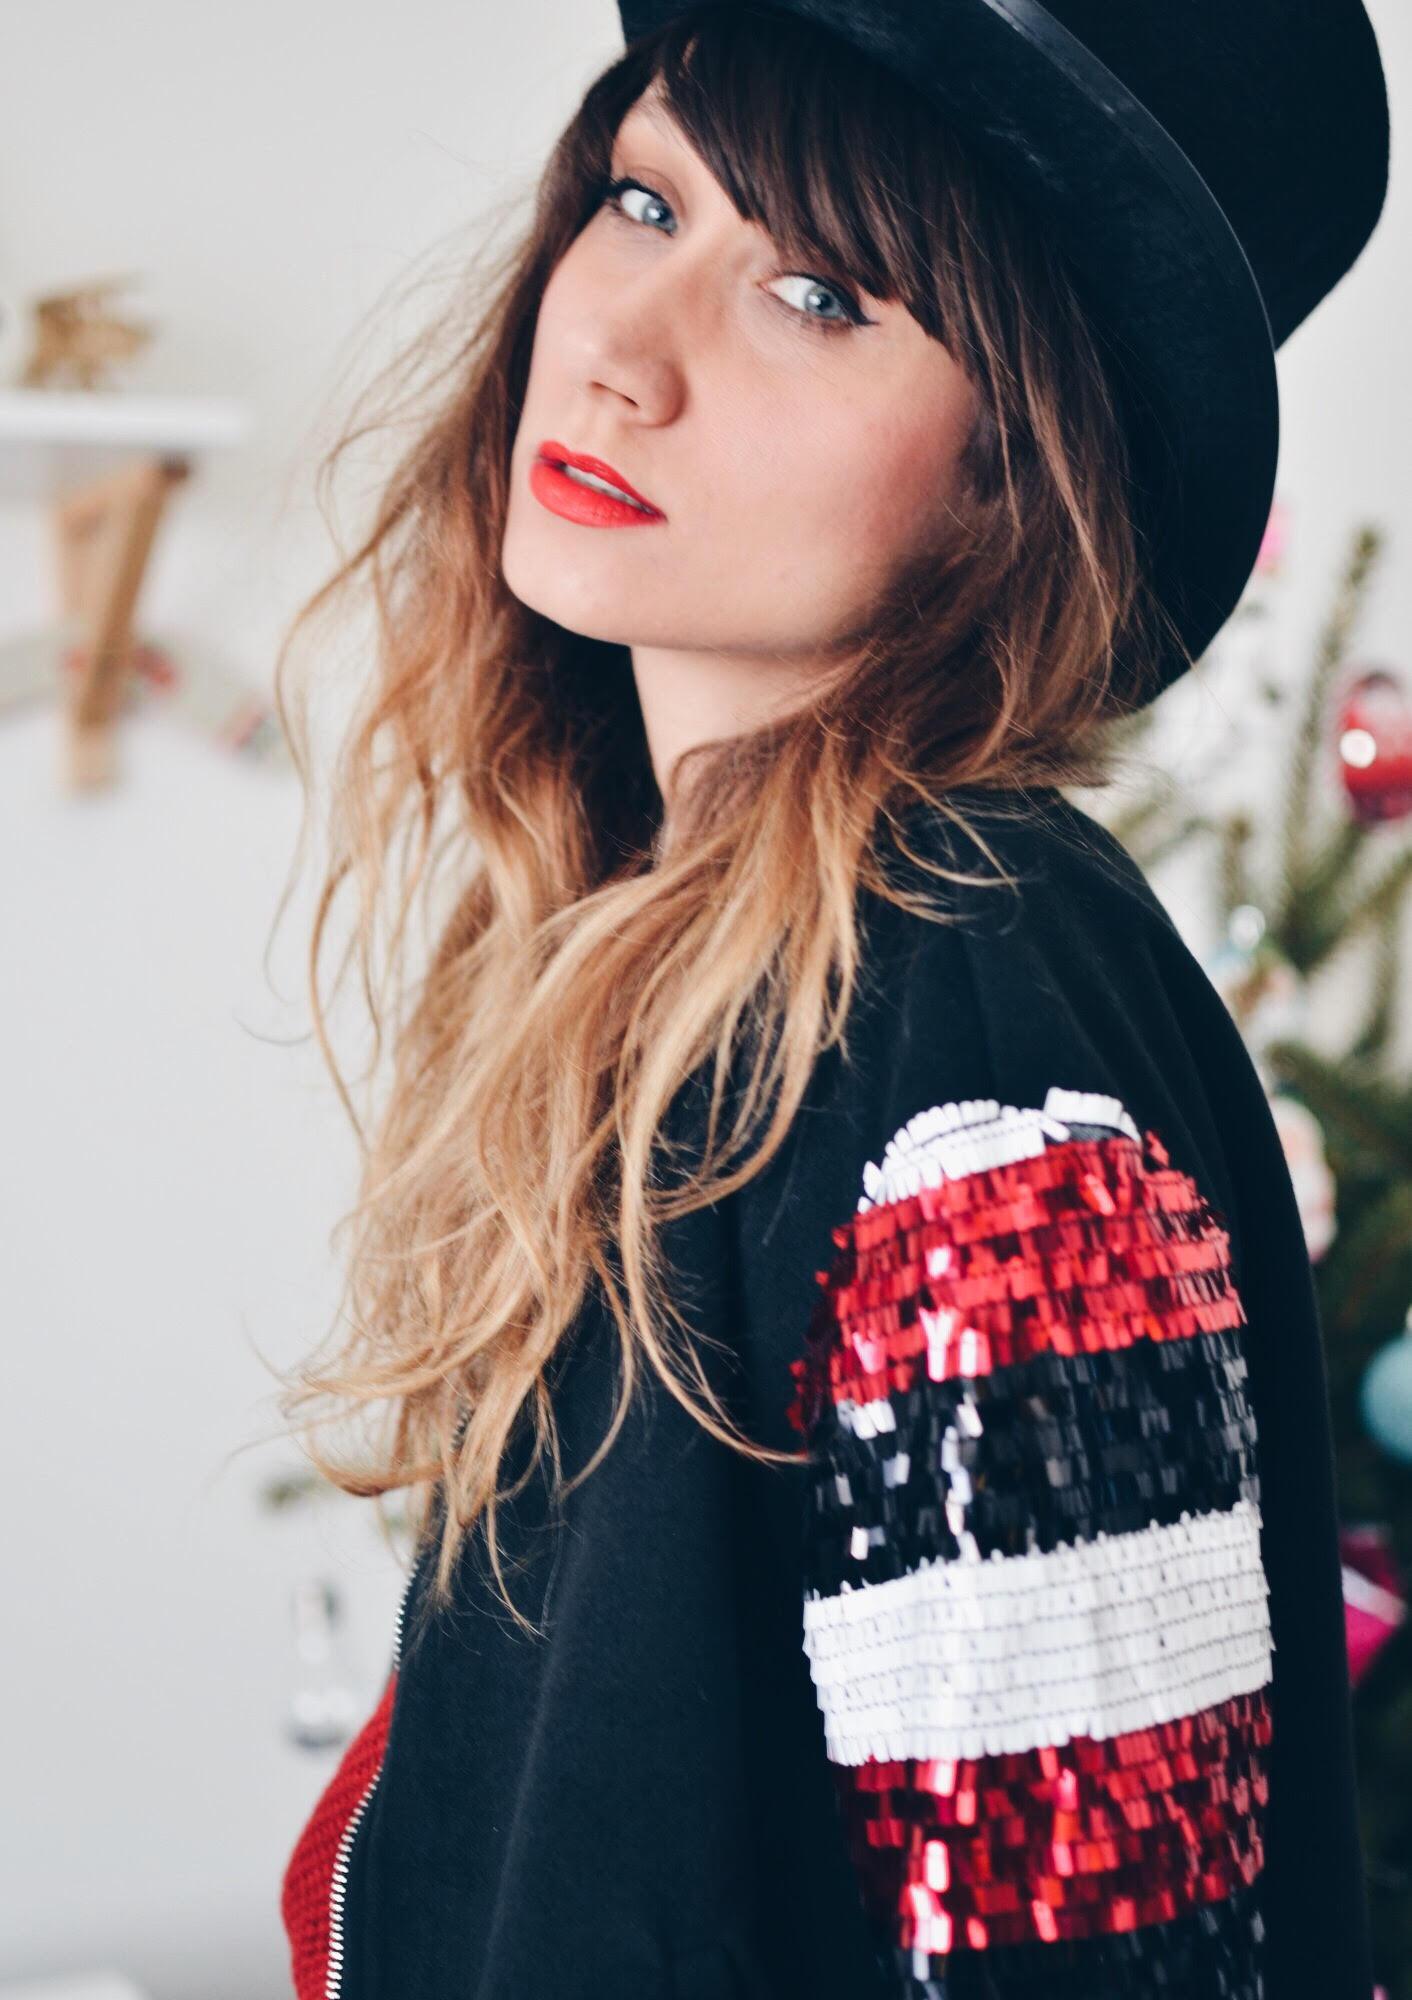 Ana Bacinger